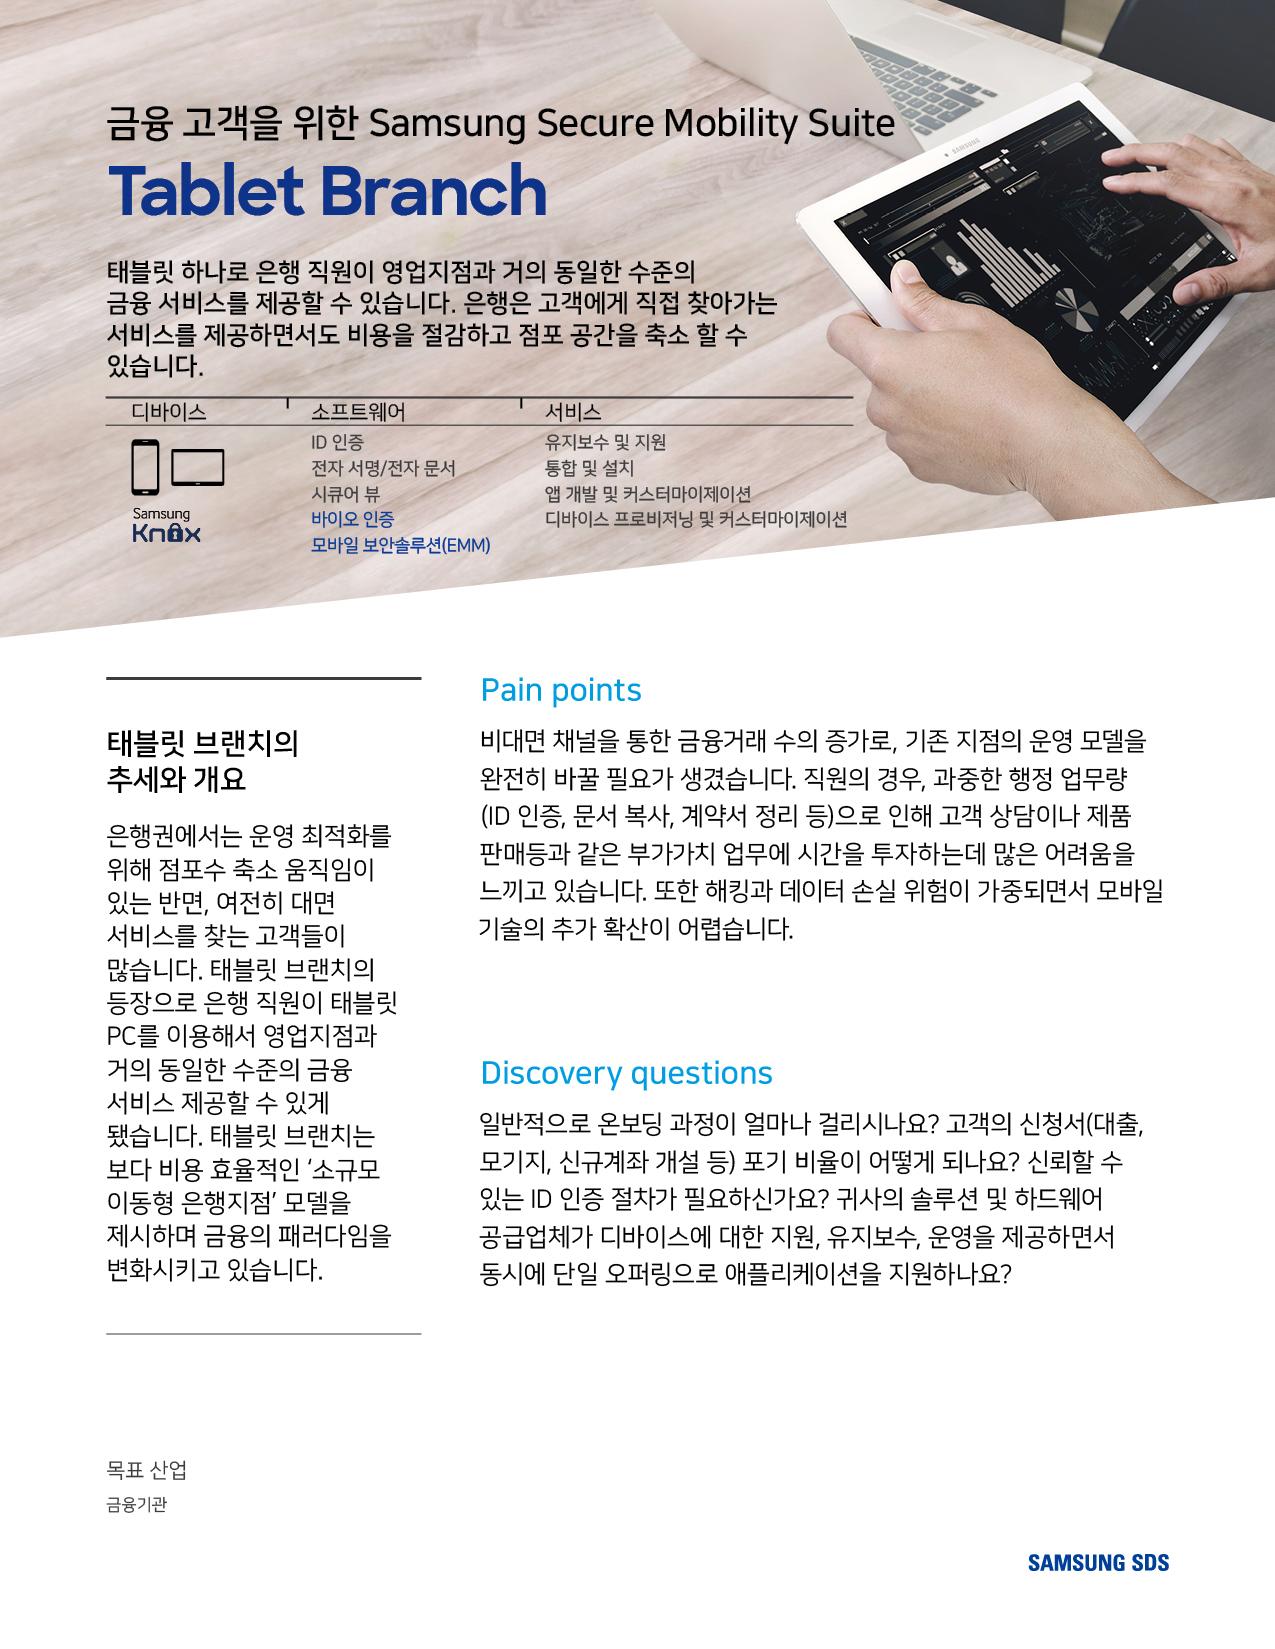 금융 고객을 위한 태블릿 지점 솔루션1